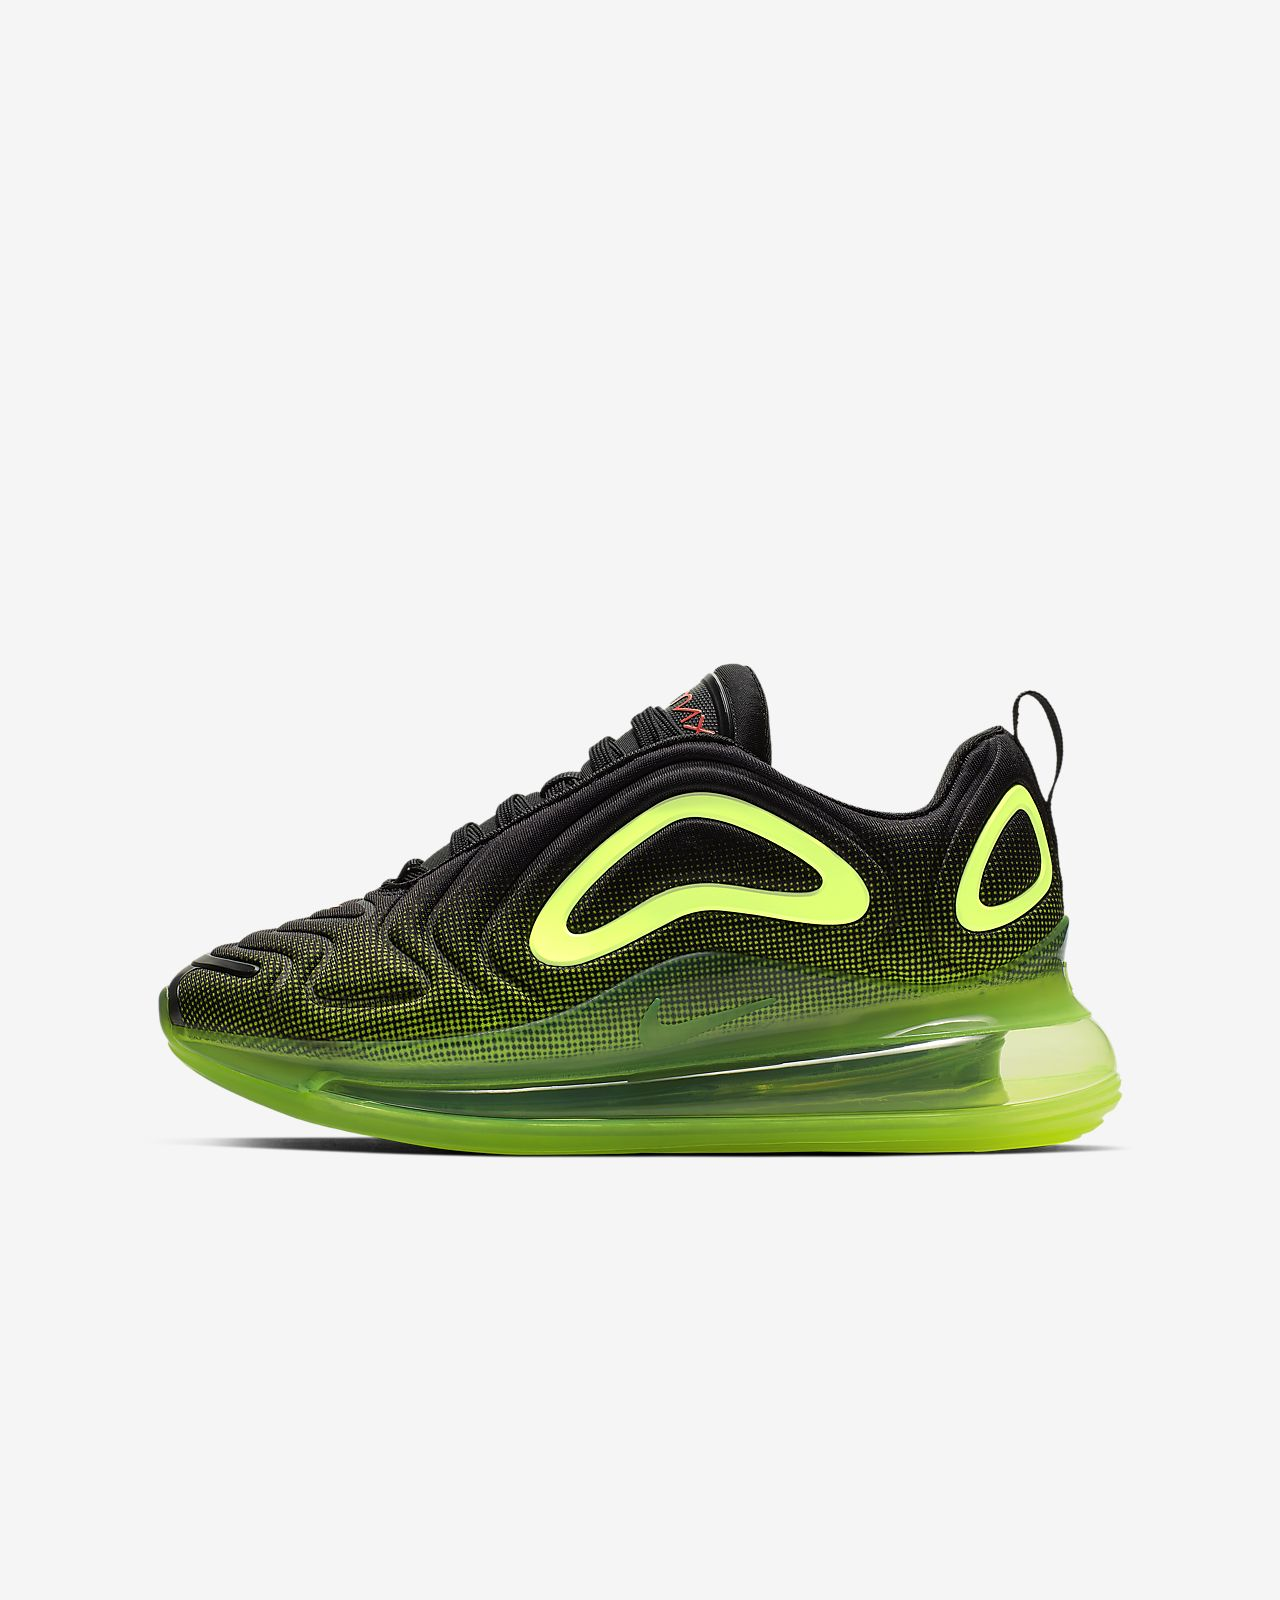 reputable site 46cba 1047c ... Chaussure Nike Air Max 720 pour Jeune enfant Enfant plus âgé